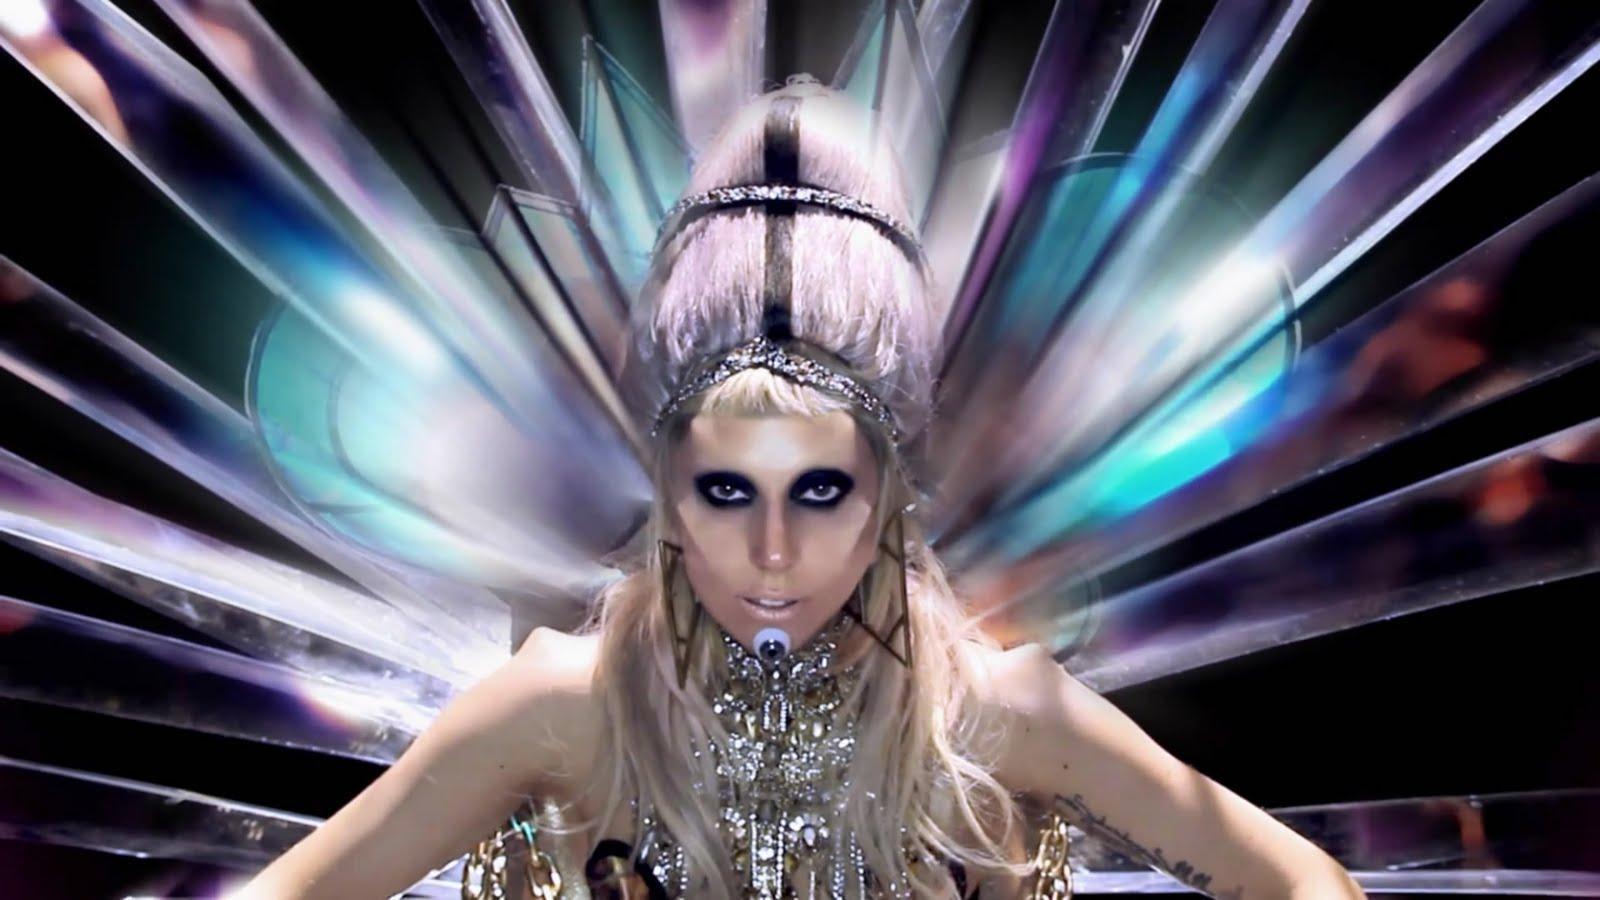 http://2.bp.blogspot.com/-GtrAJD1V53g/UBhJiIEpnCI/AAAAAAAABLs/FuqTmKASc-4/s1600/blog+250,+Lady+Gaga.jpeg